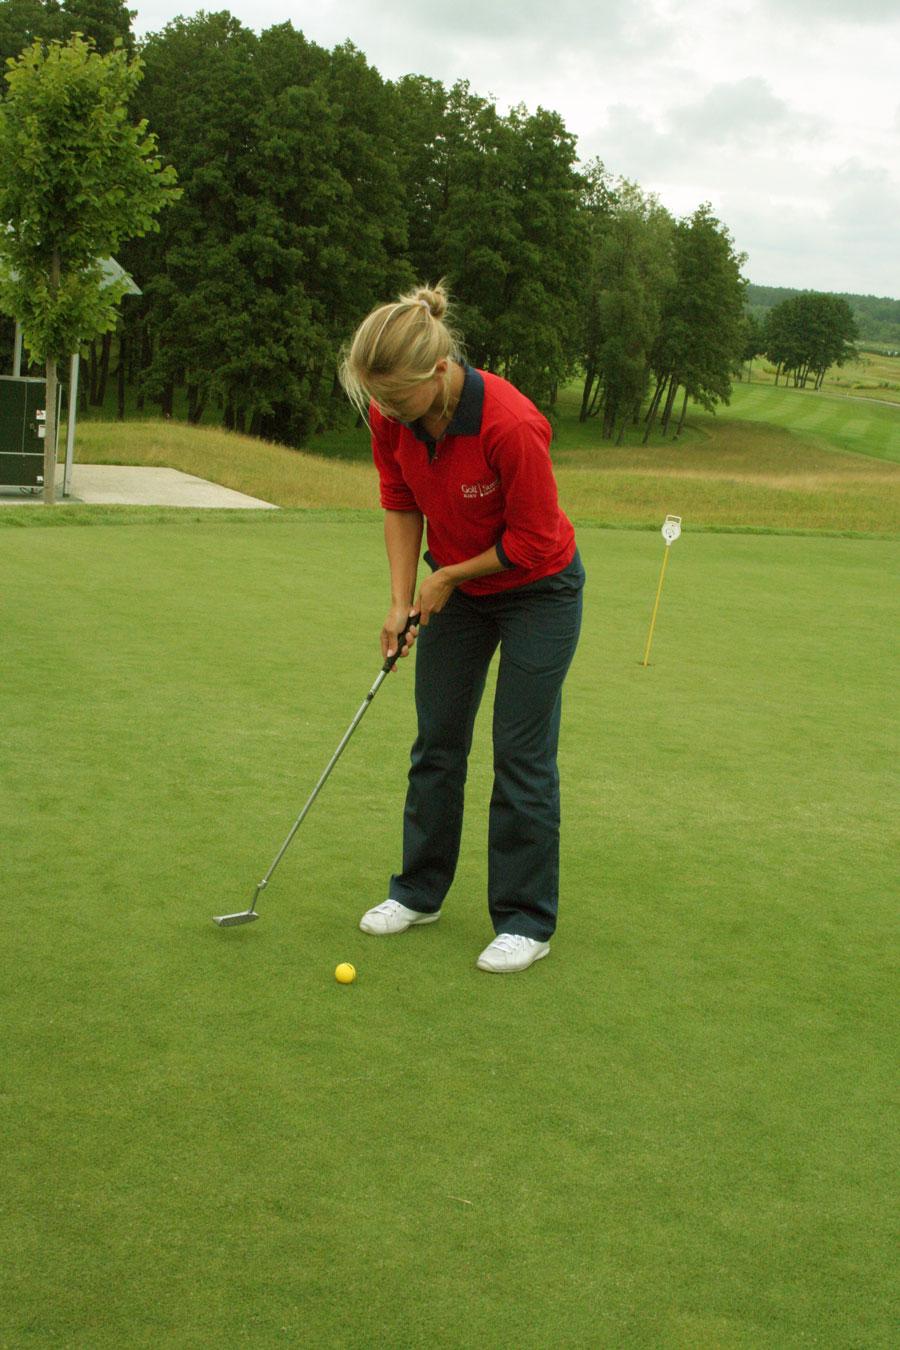 Golfstream, apassionata, golf, гольф, гольф-в-Украине, блог-тур, 4589